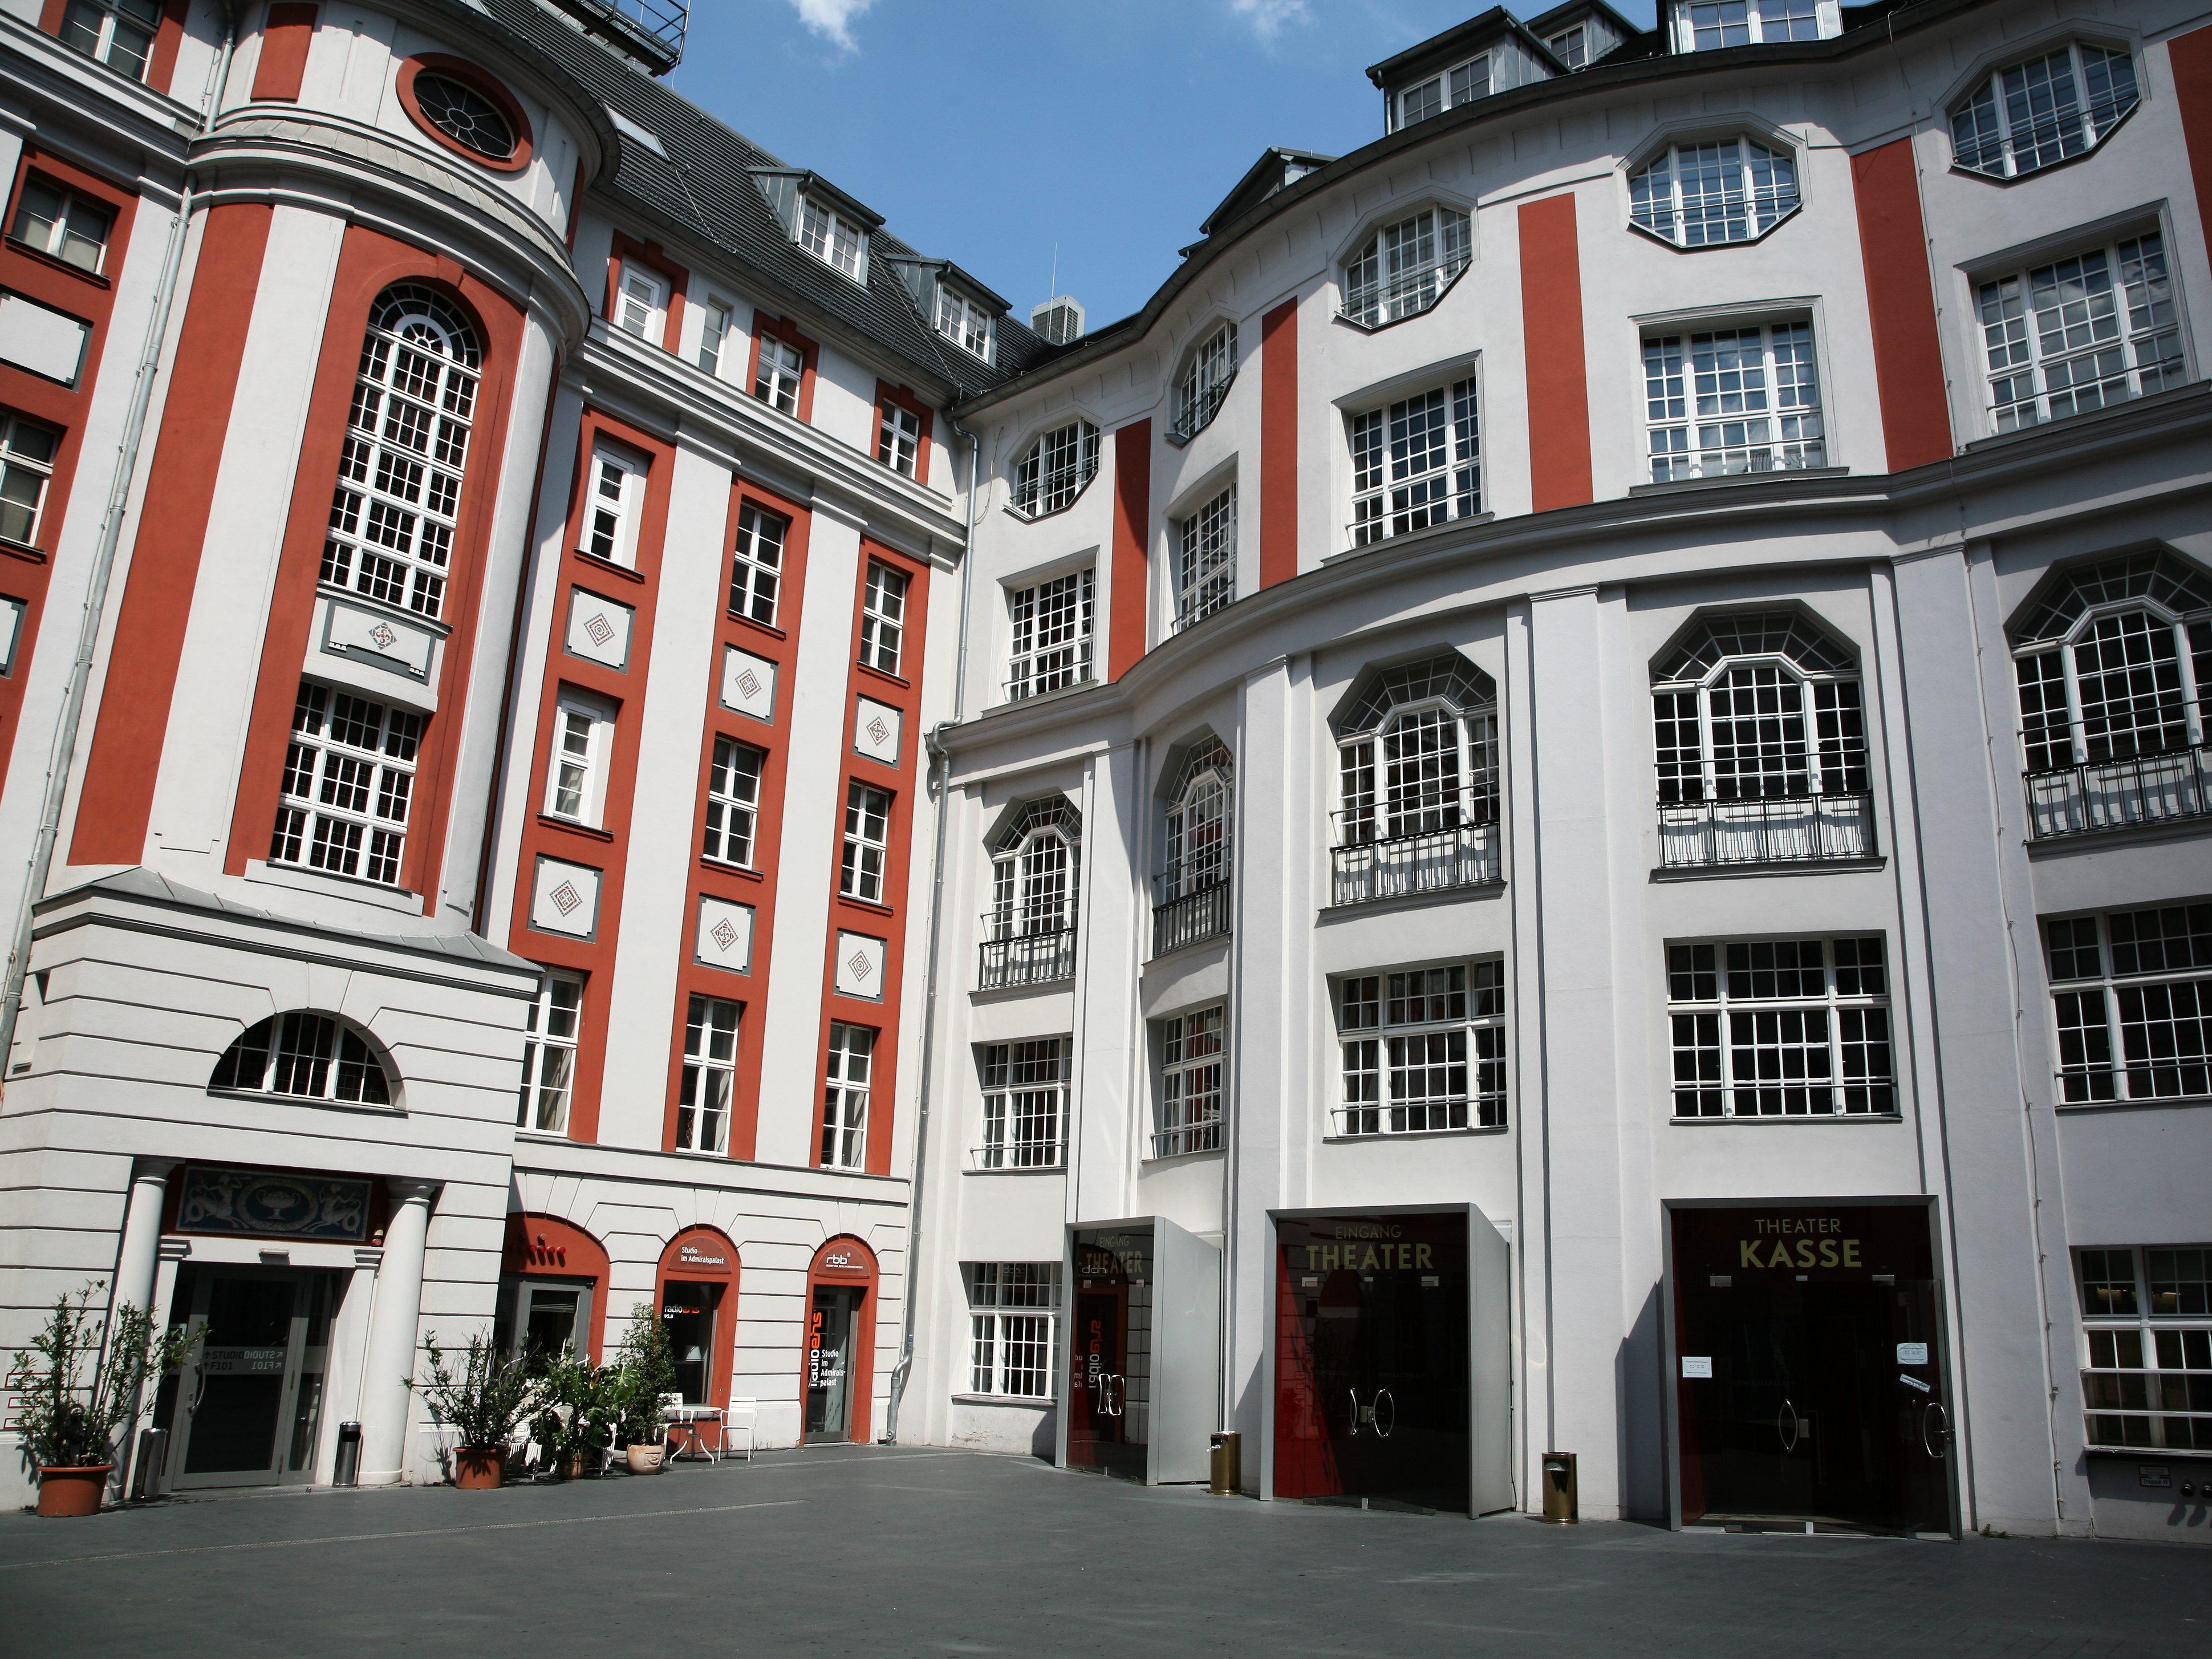 Ballettaufführungen, Musicals und Theater kommen im berüchtigten Berliner Admiralpalast auf die Bühne. Das Gebäude selbst wagt den Spagat von Tradition und Moderne. Nach einer umfassenden Sanierung öffnete das denkmalgeschützte Haus 2006 wieder die Pforten.